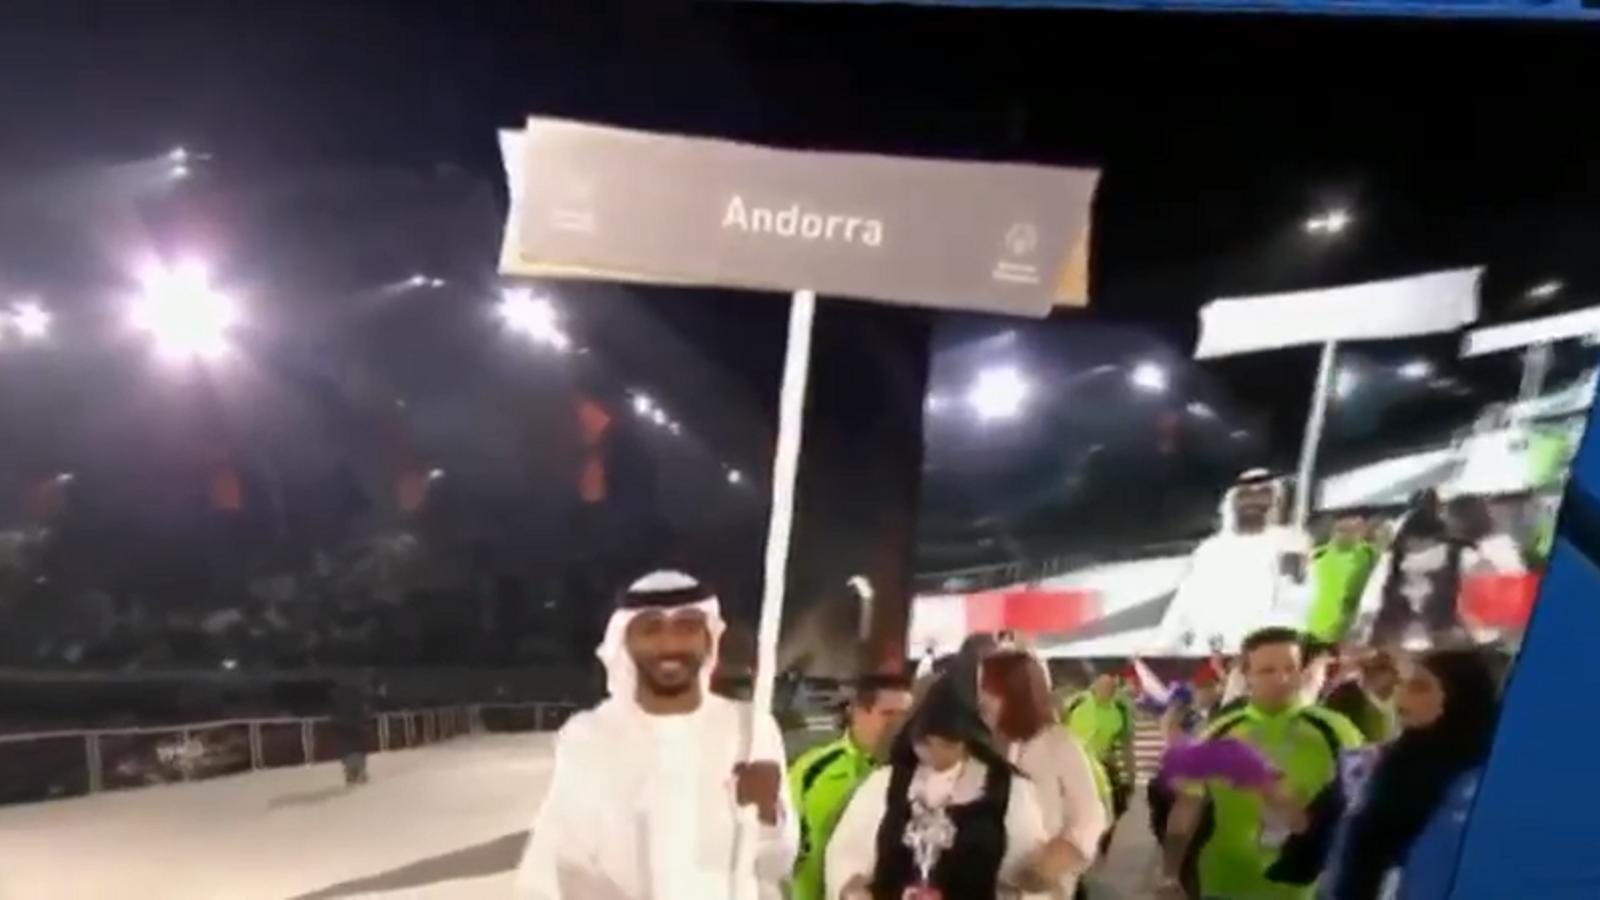 Presentació de la delegació andorrana en la gala inaugural dels Special Olympics d'Abu Dhabi 2019